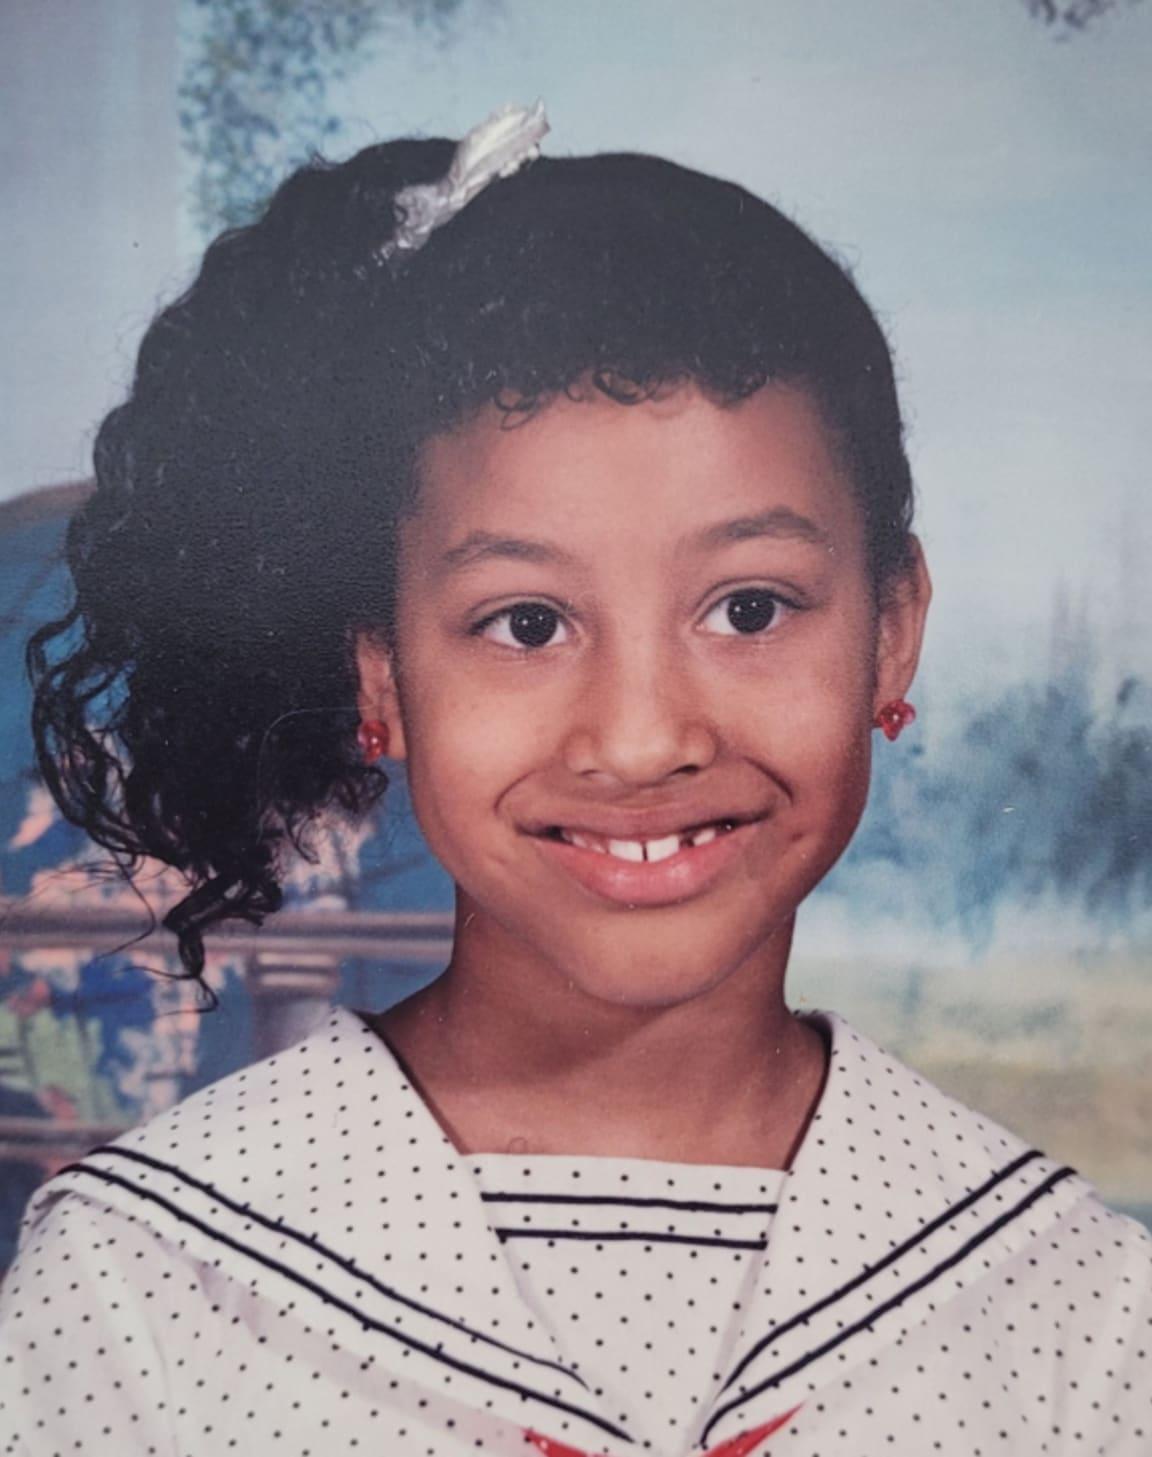 Melanie as a kid